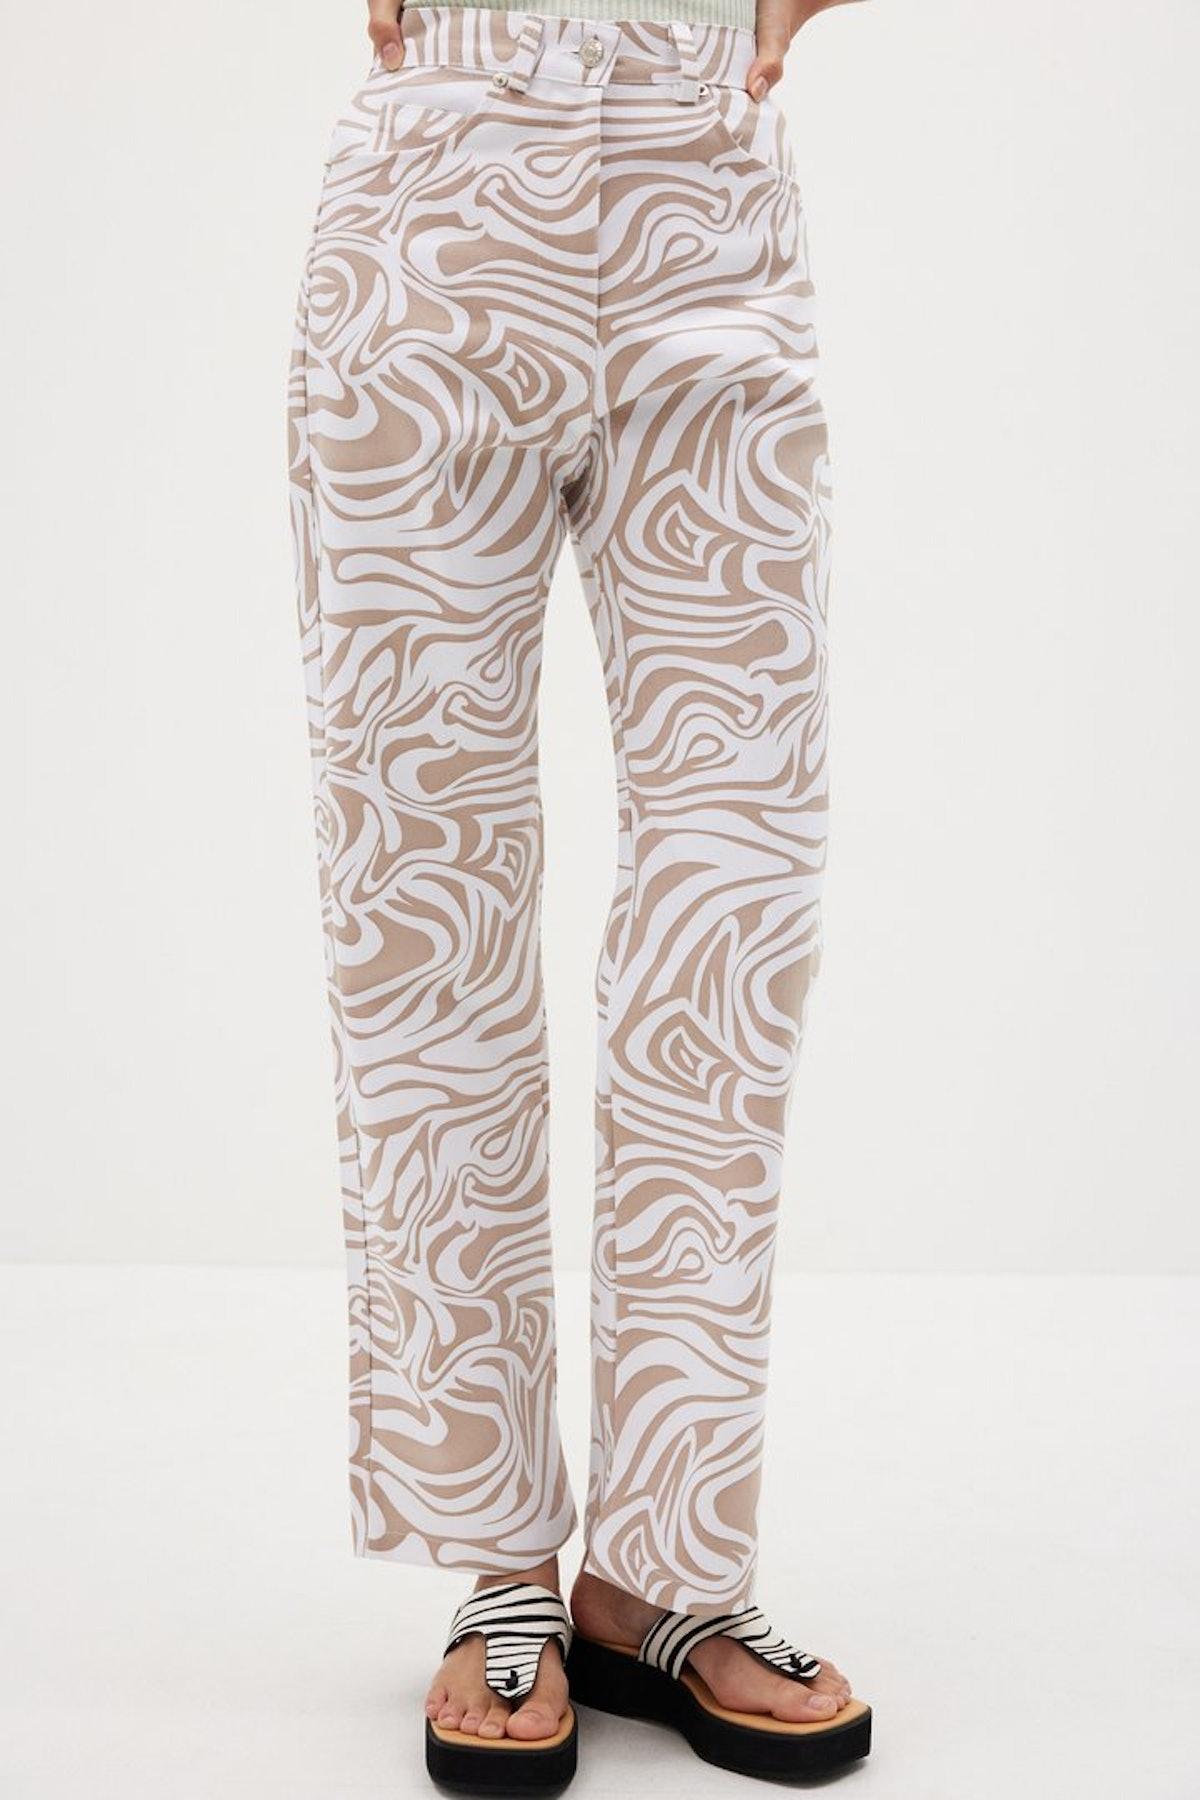 Ocean Wave Printed Pants in Clay